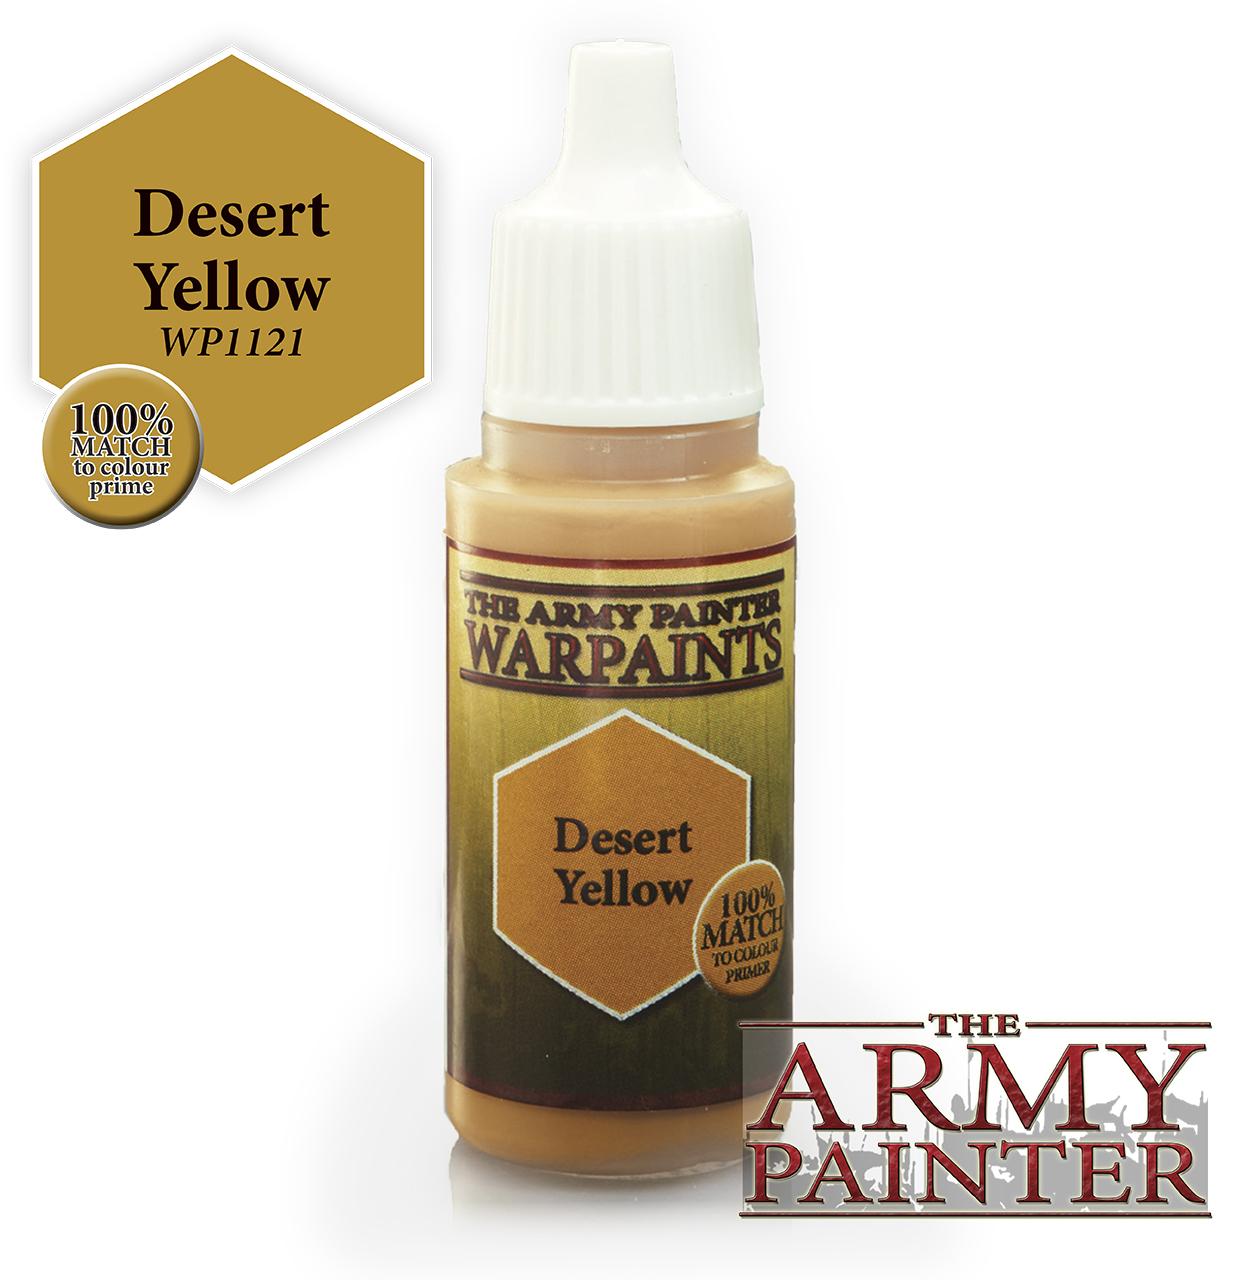 Desert Yellow Warpaint image